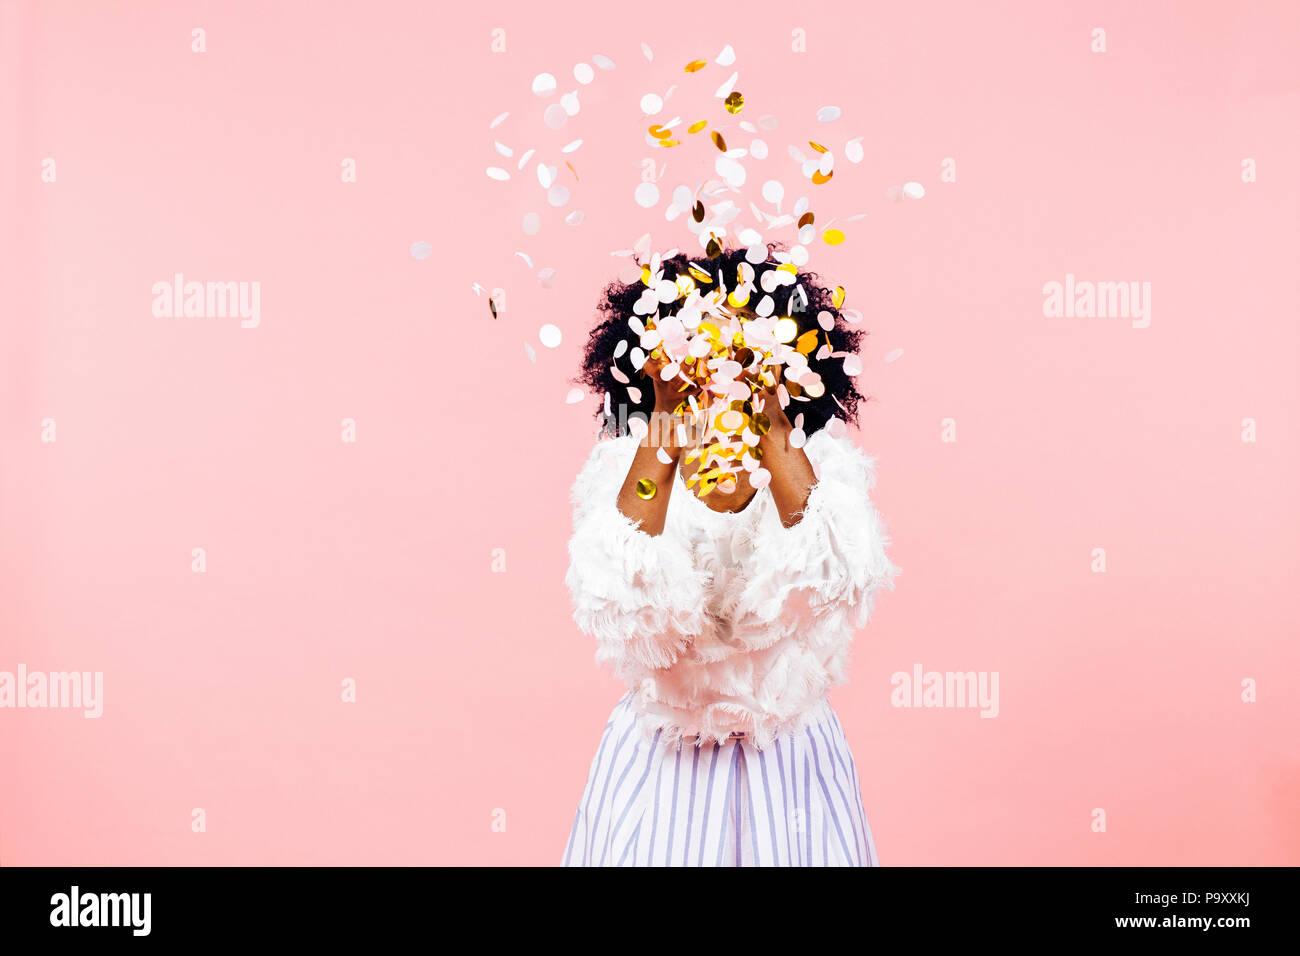 Tirar confeti- celebran la felicidad Imagen De Stock